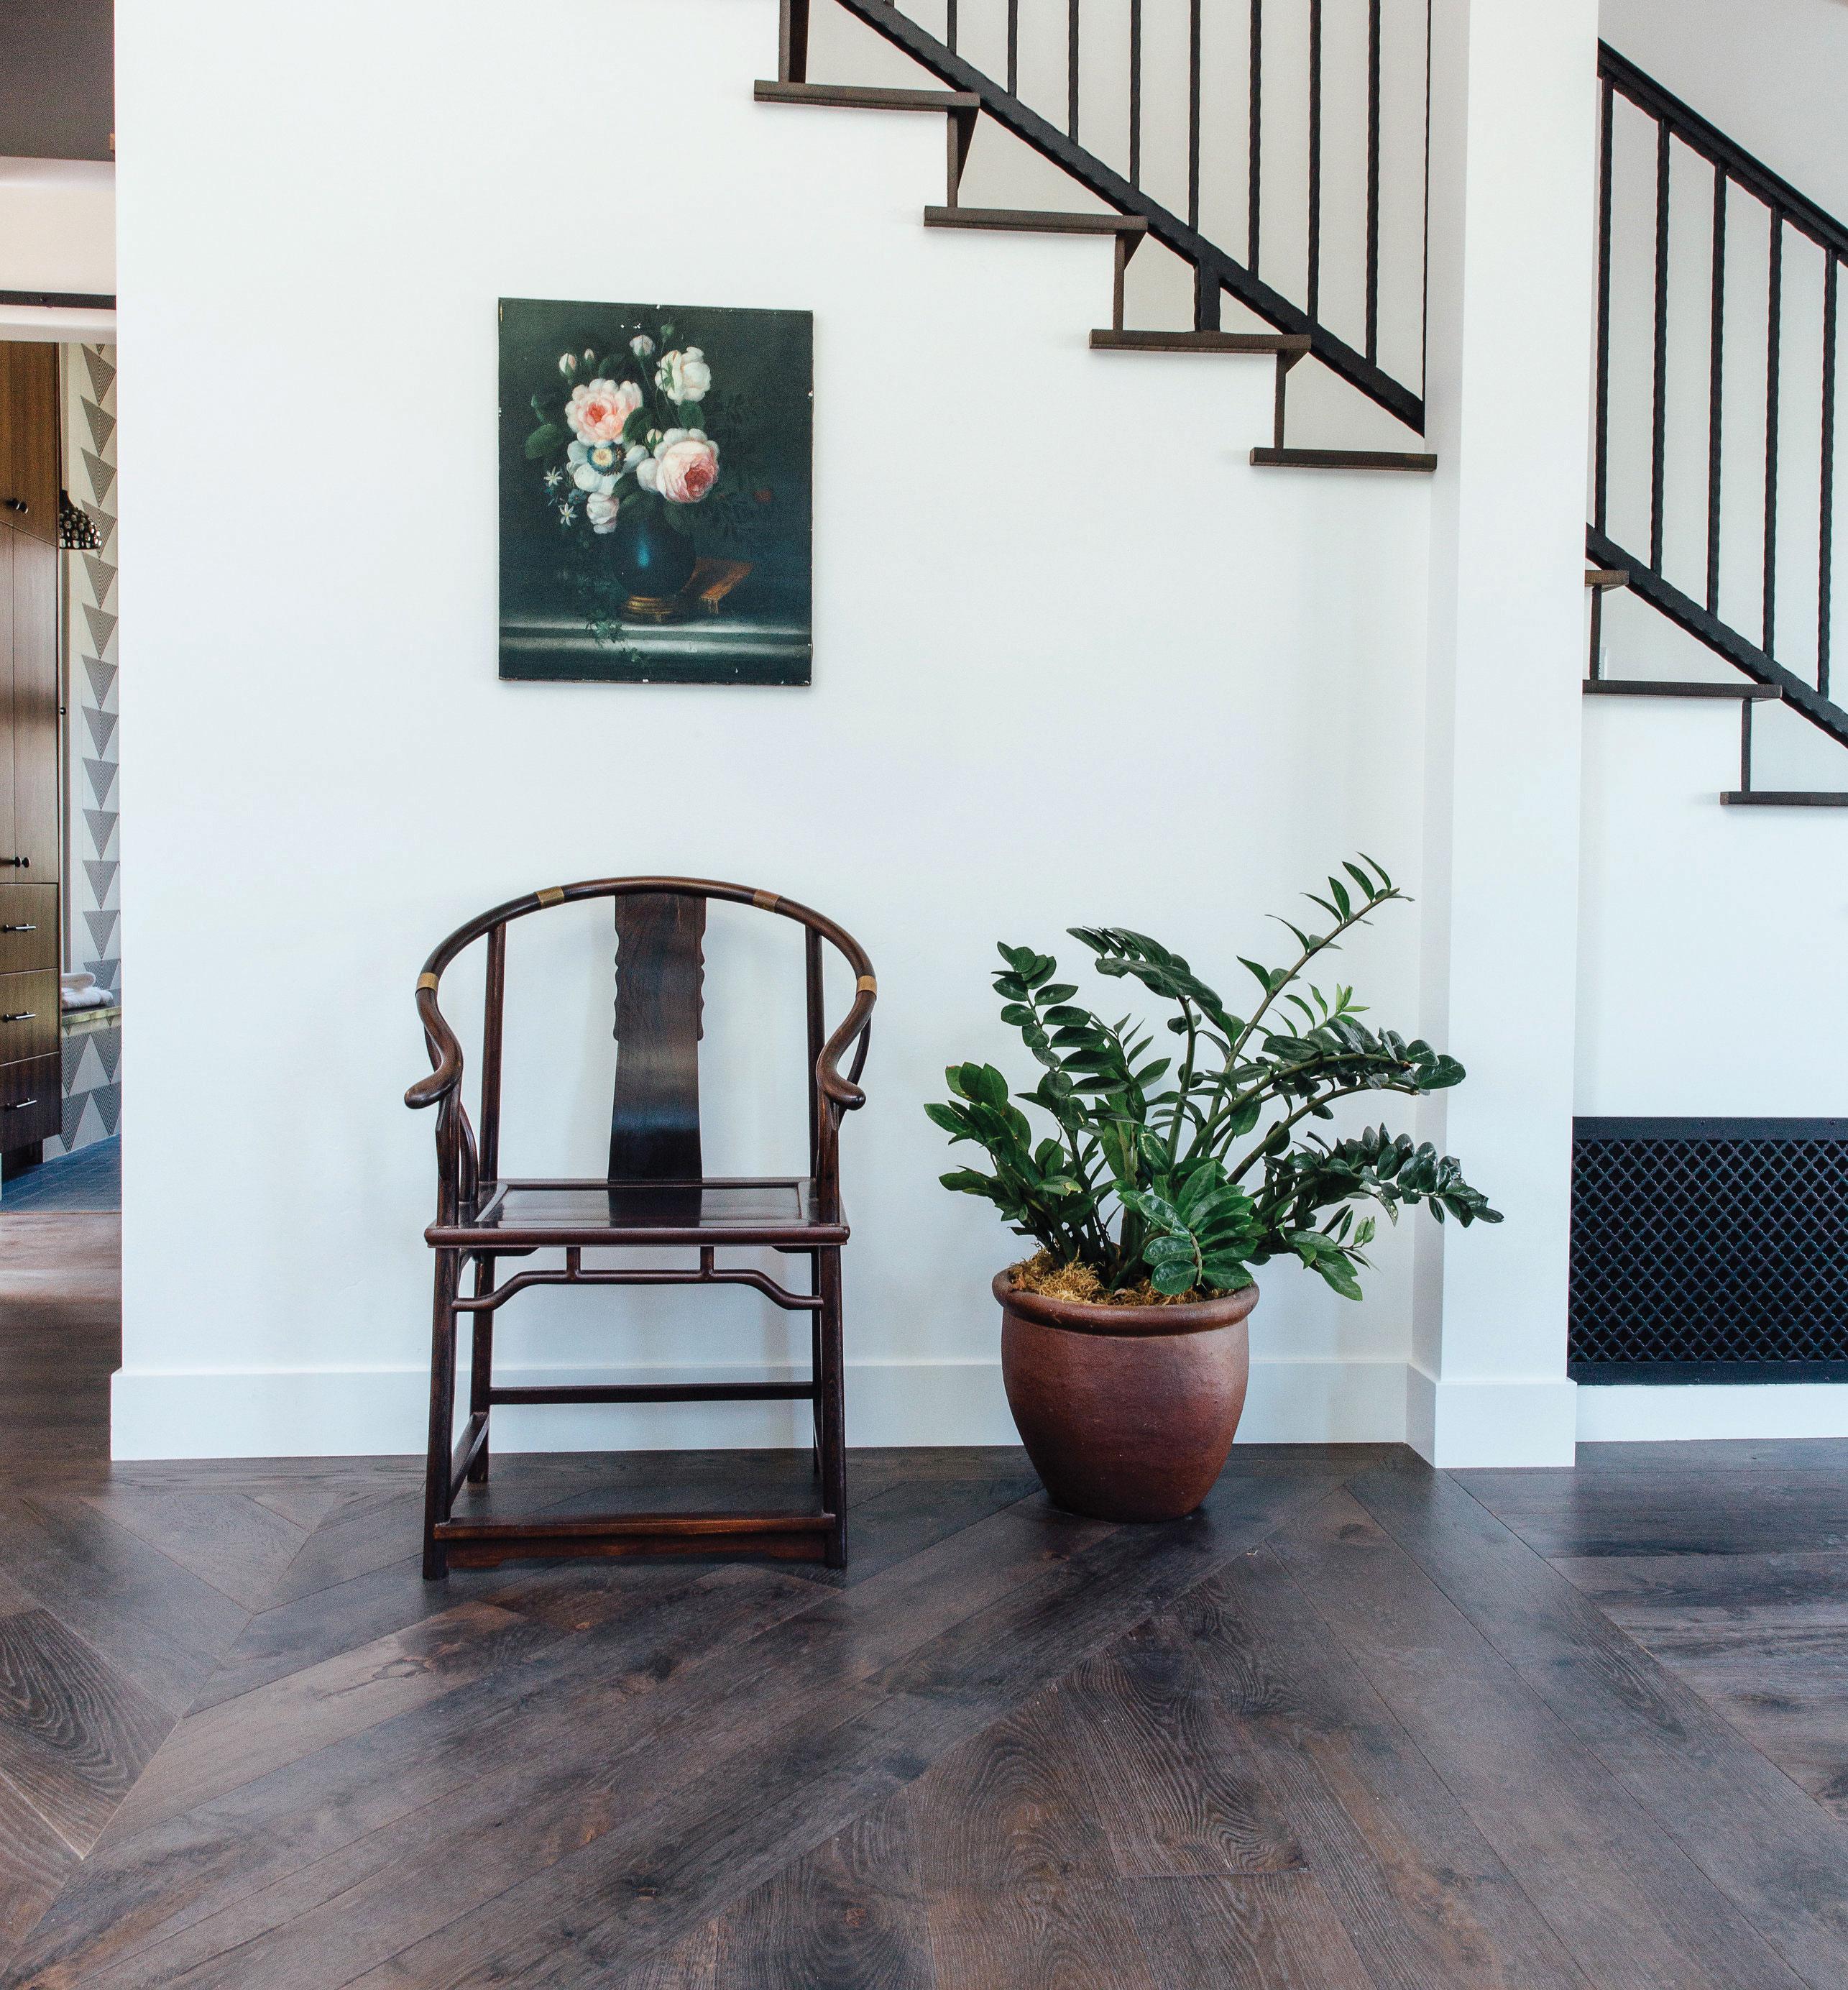 vintage decor statement chair in hallway